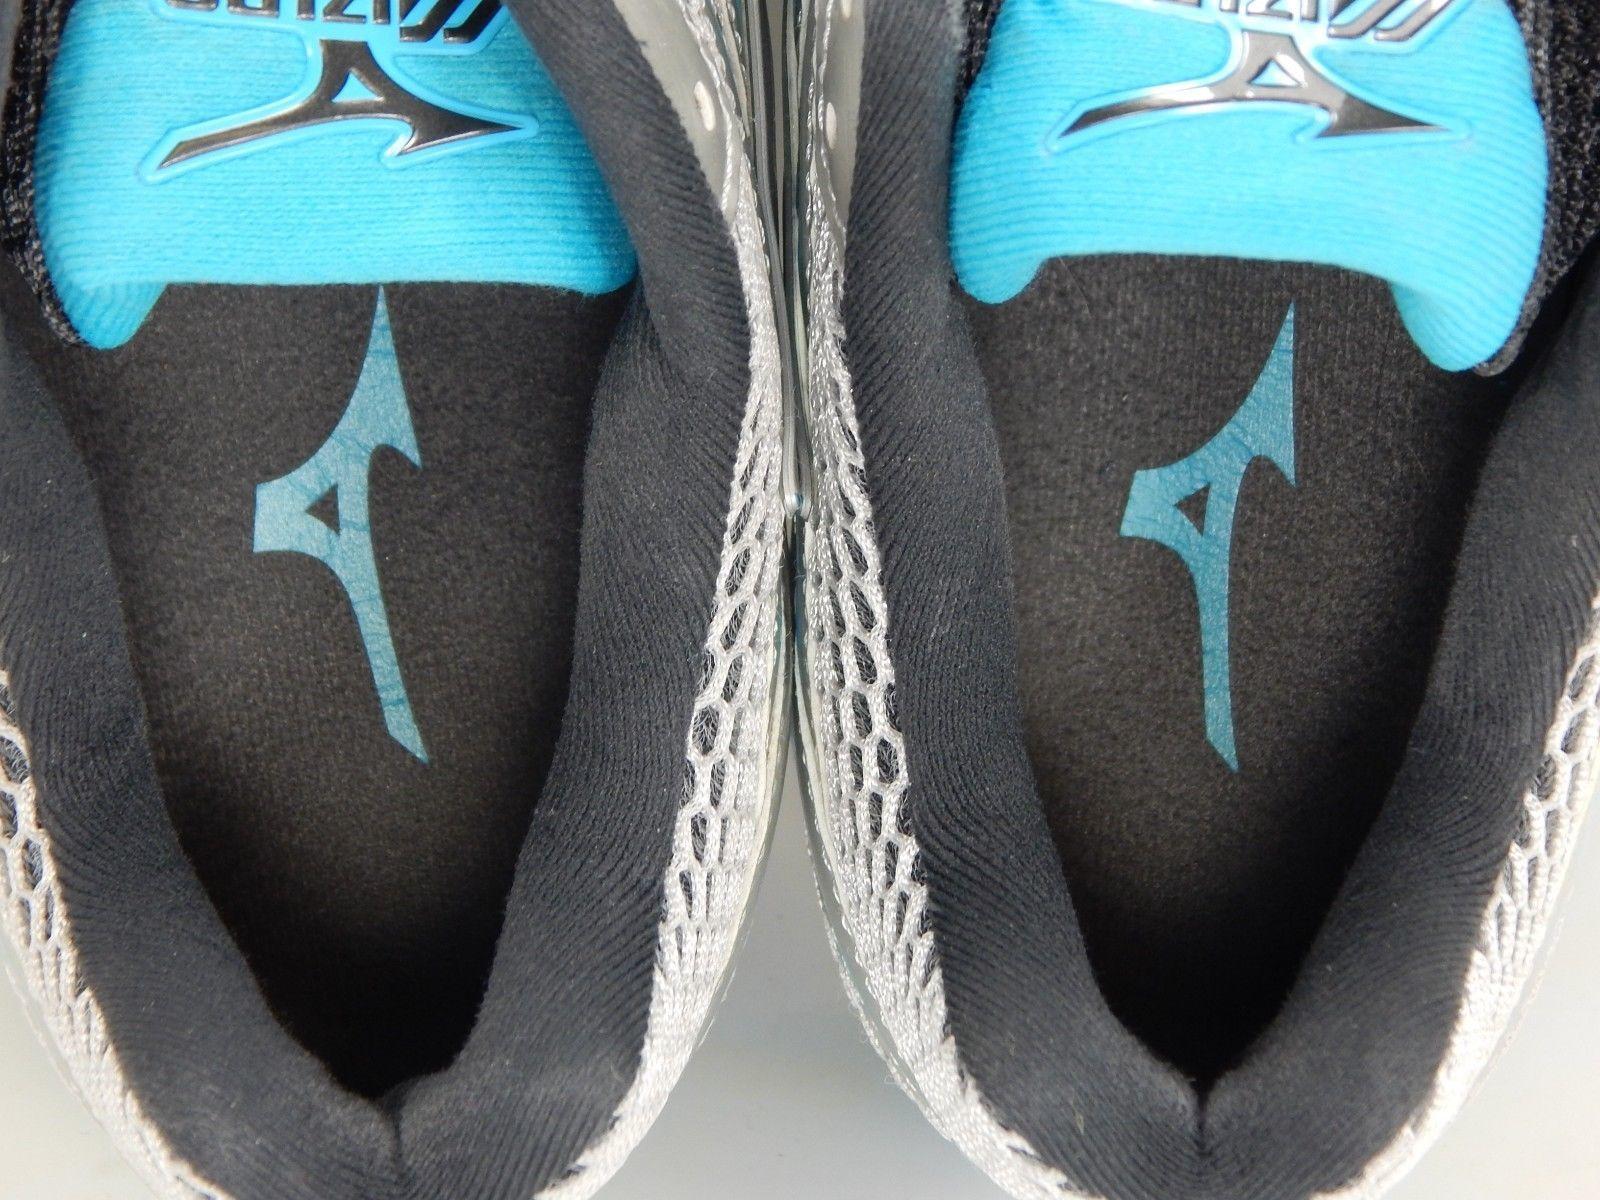 Mizuno Wave Enigma 5 Size US 9 M (B) EU 40 Women's Running Shoes Blue Silver